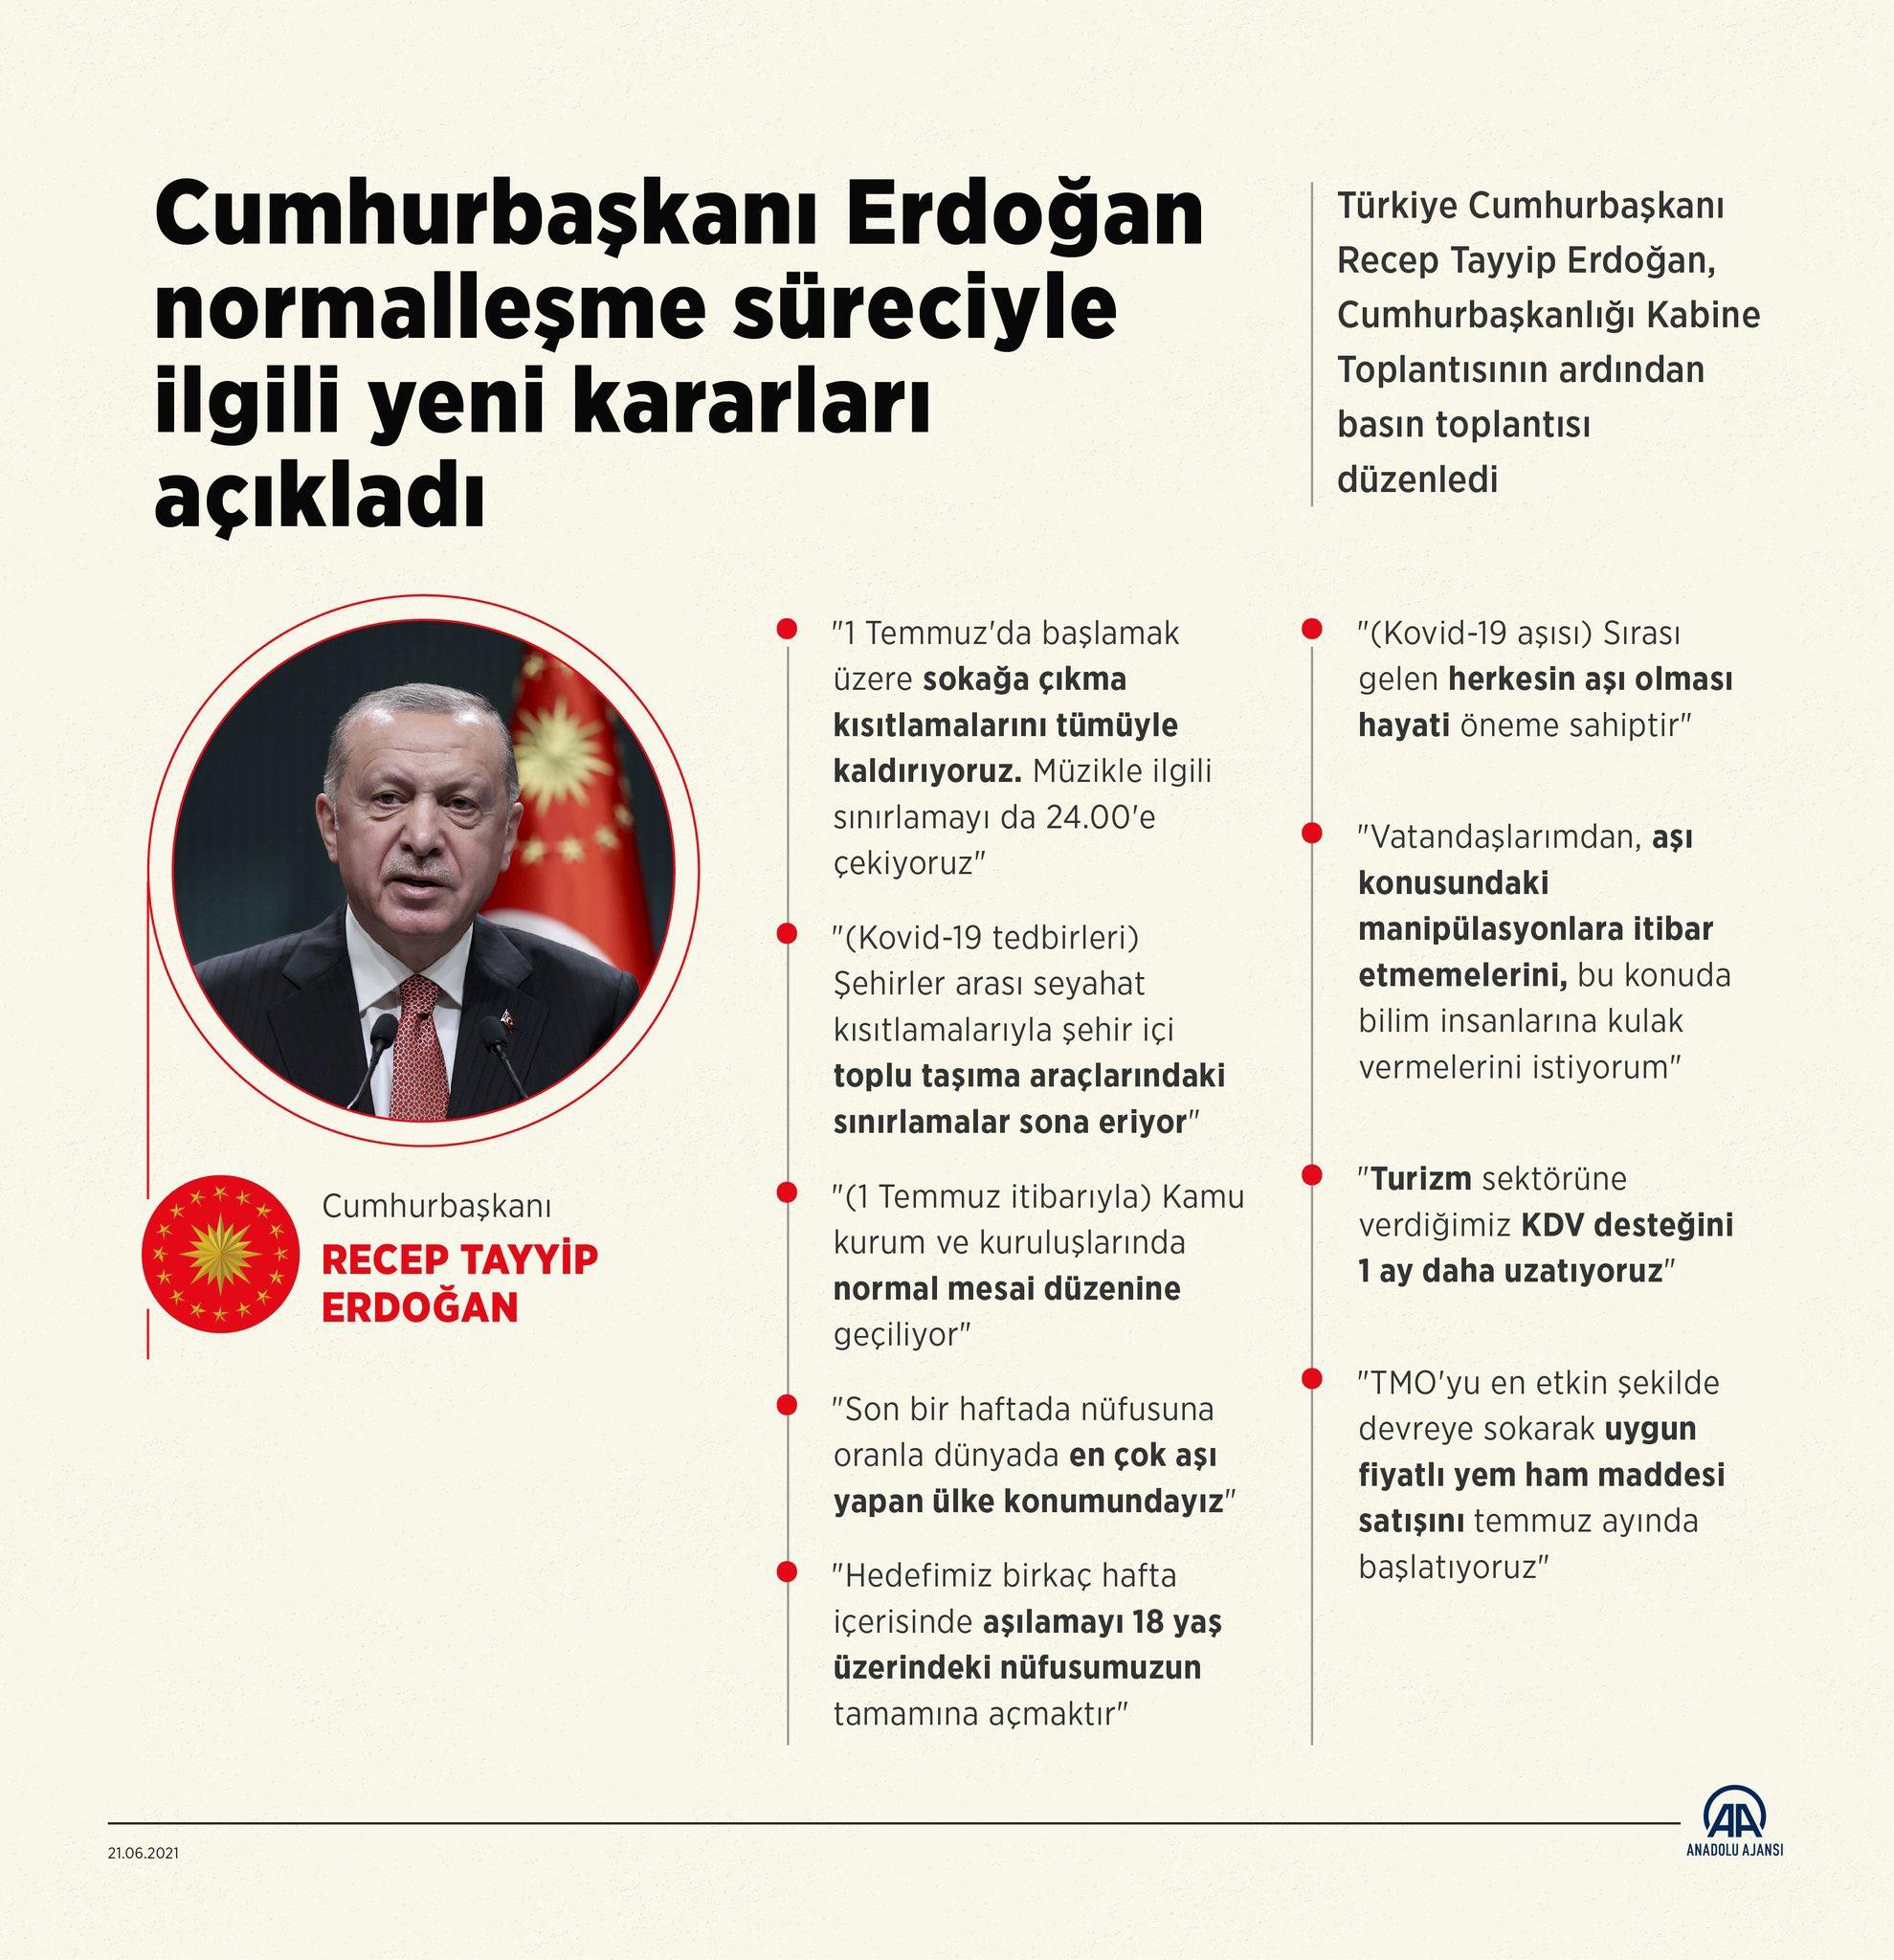 Erdoğan açıkladı: 1 Temmuz itibariyle kaldırıyoruz